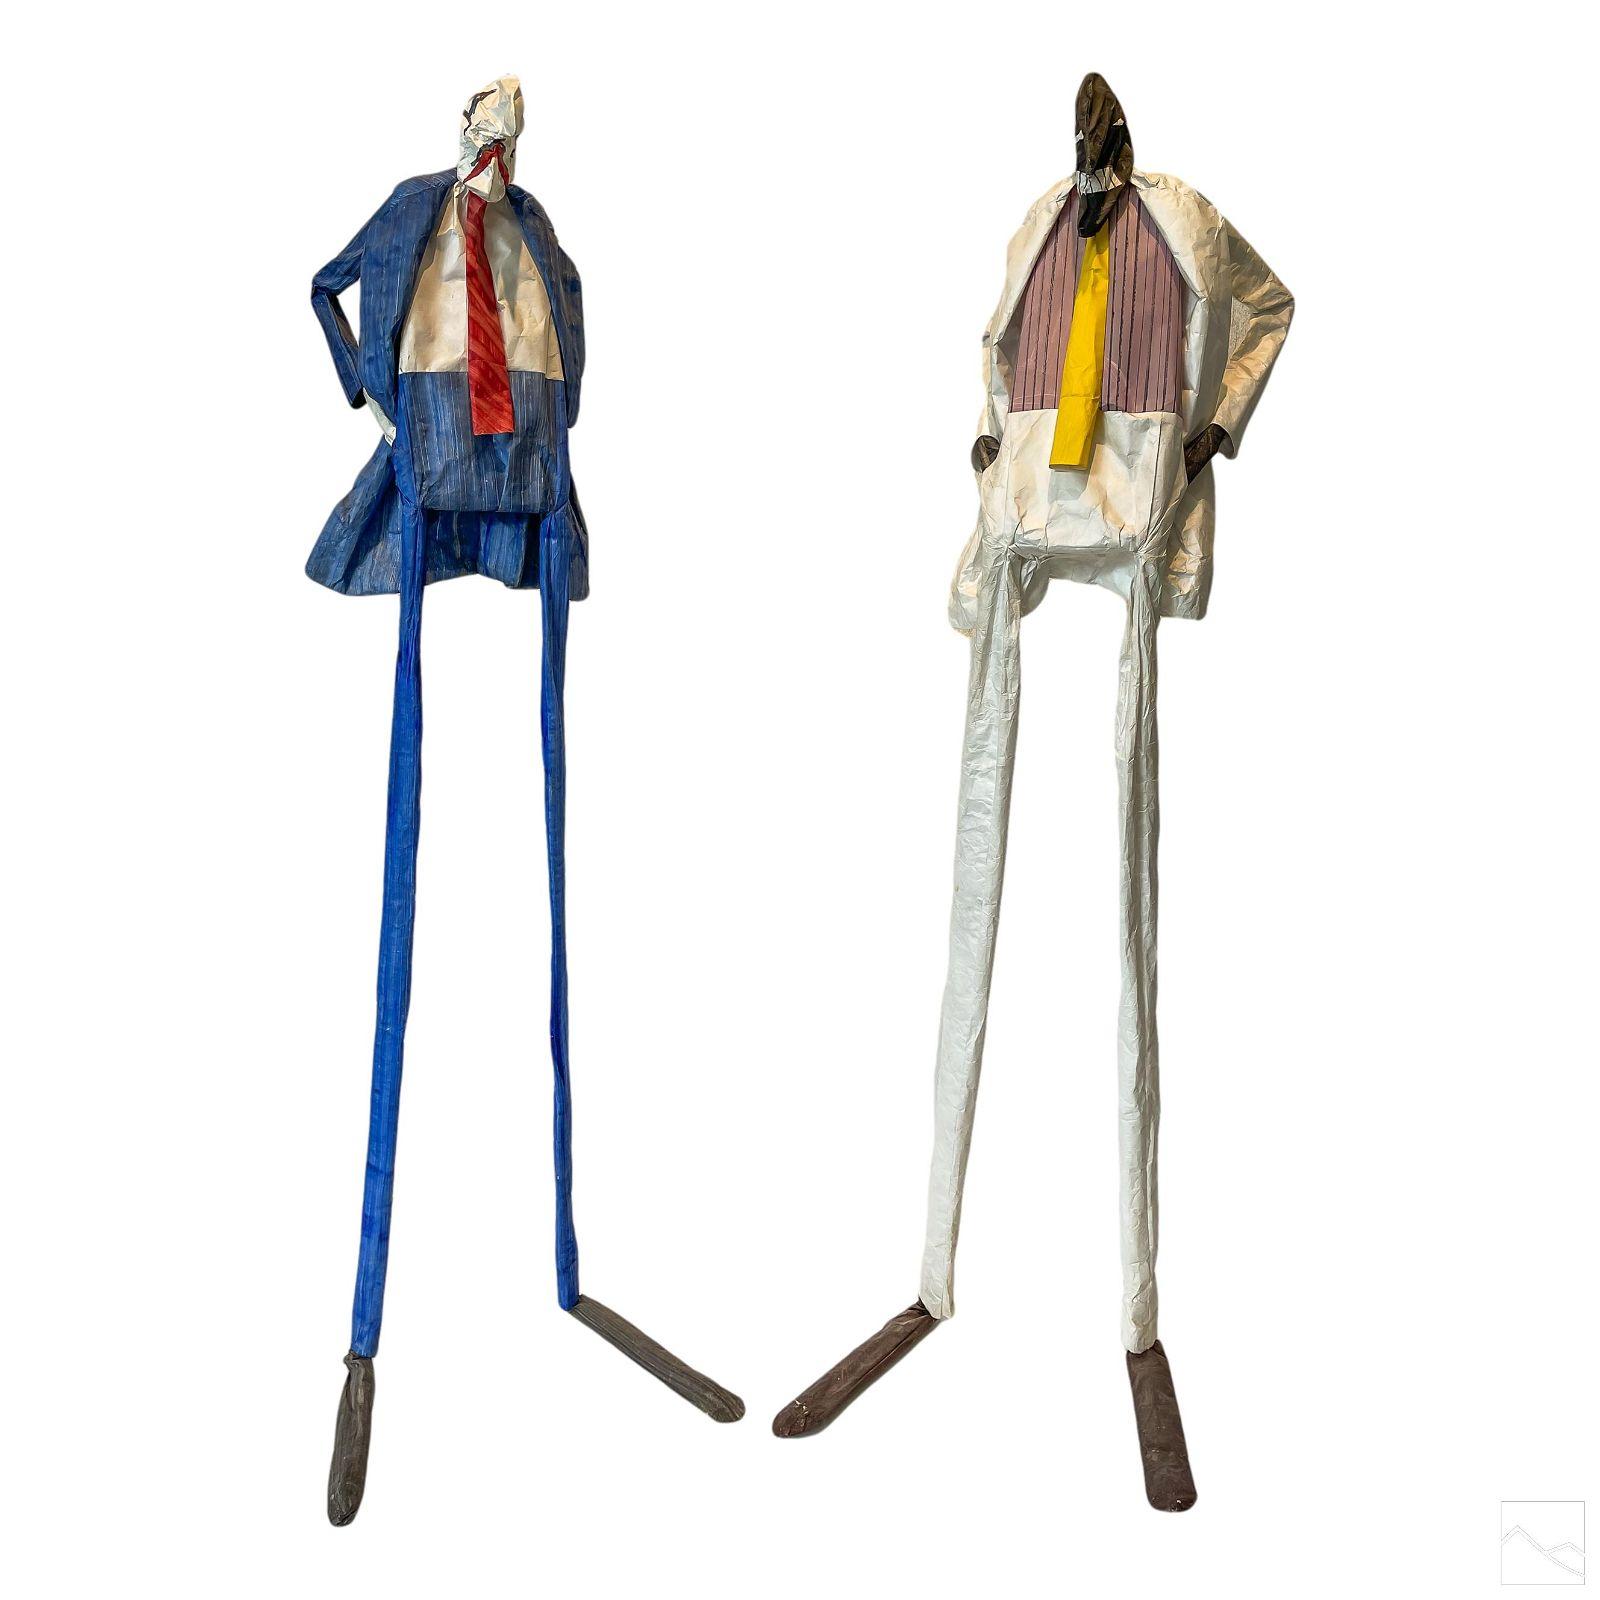 William Dickey King (1925-2015) Pop Art Sculptures